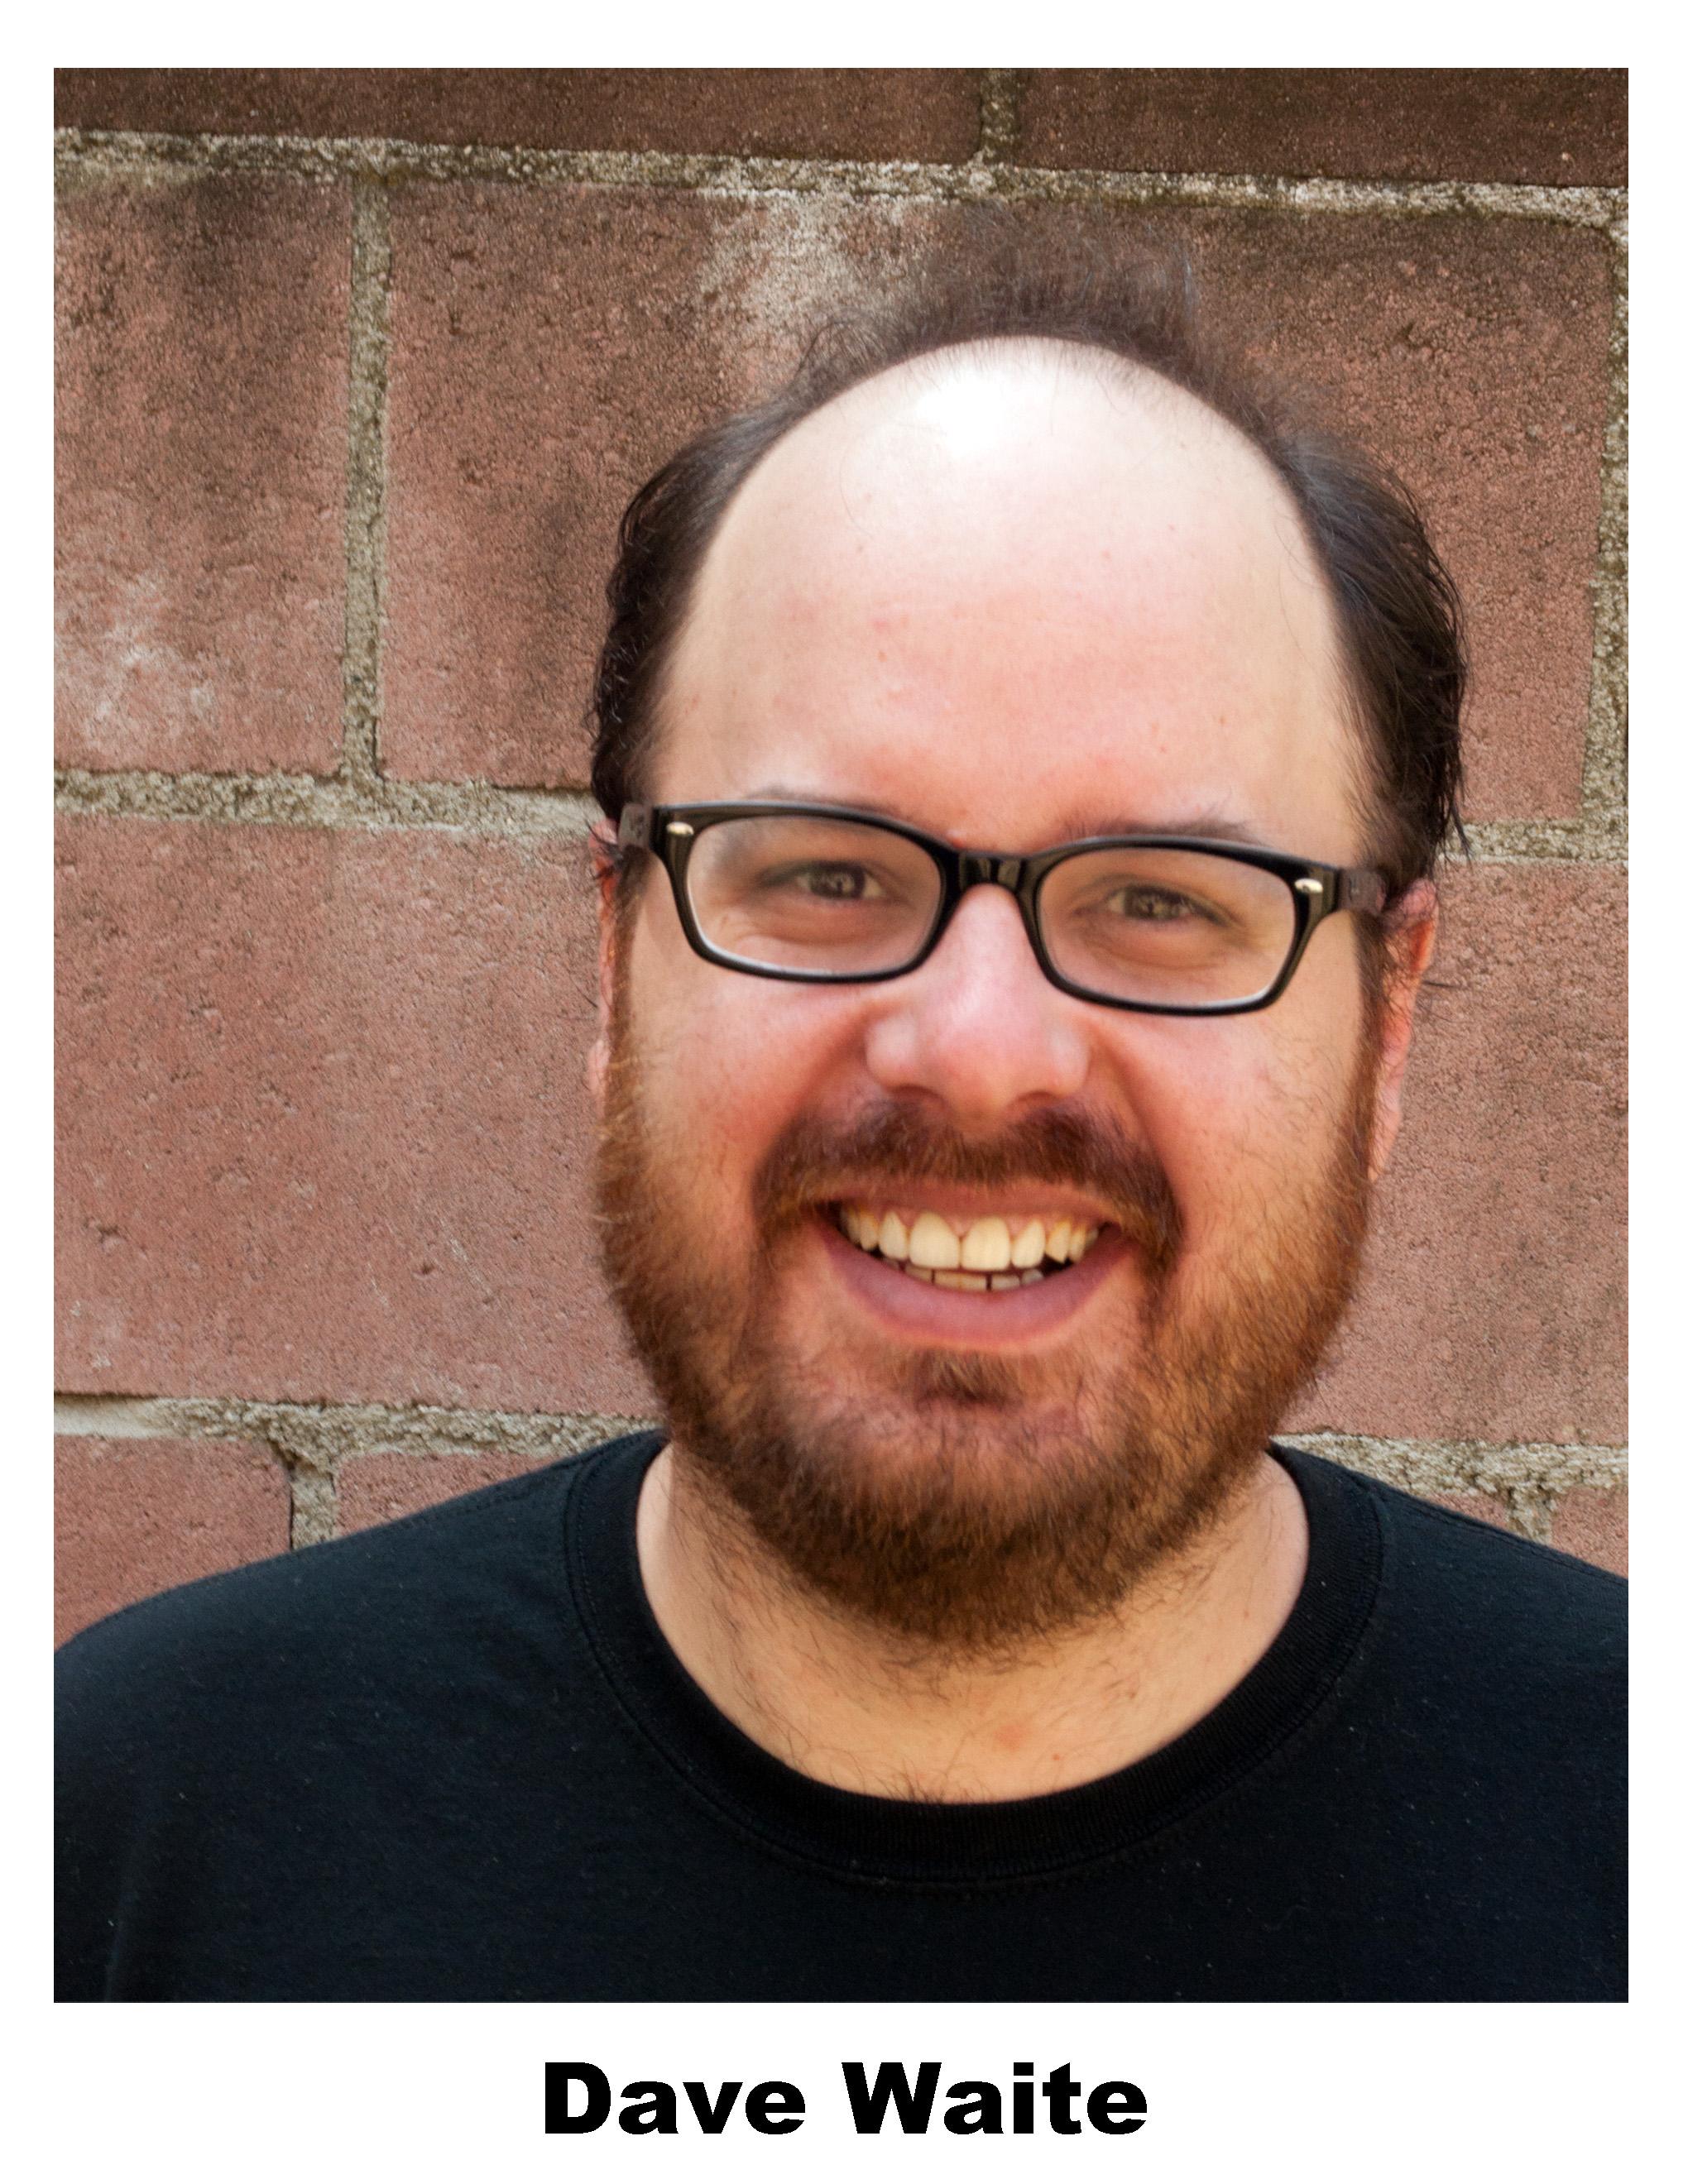 Dave-Headshot-2.jpg